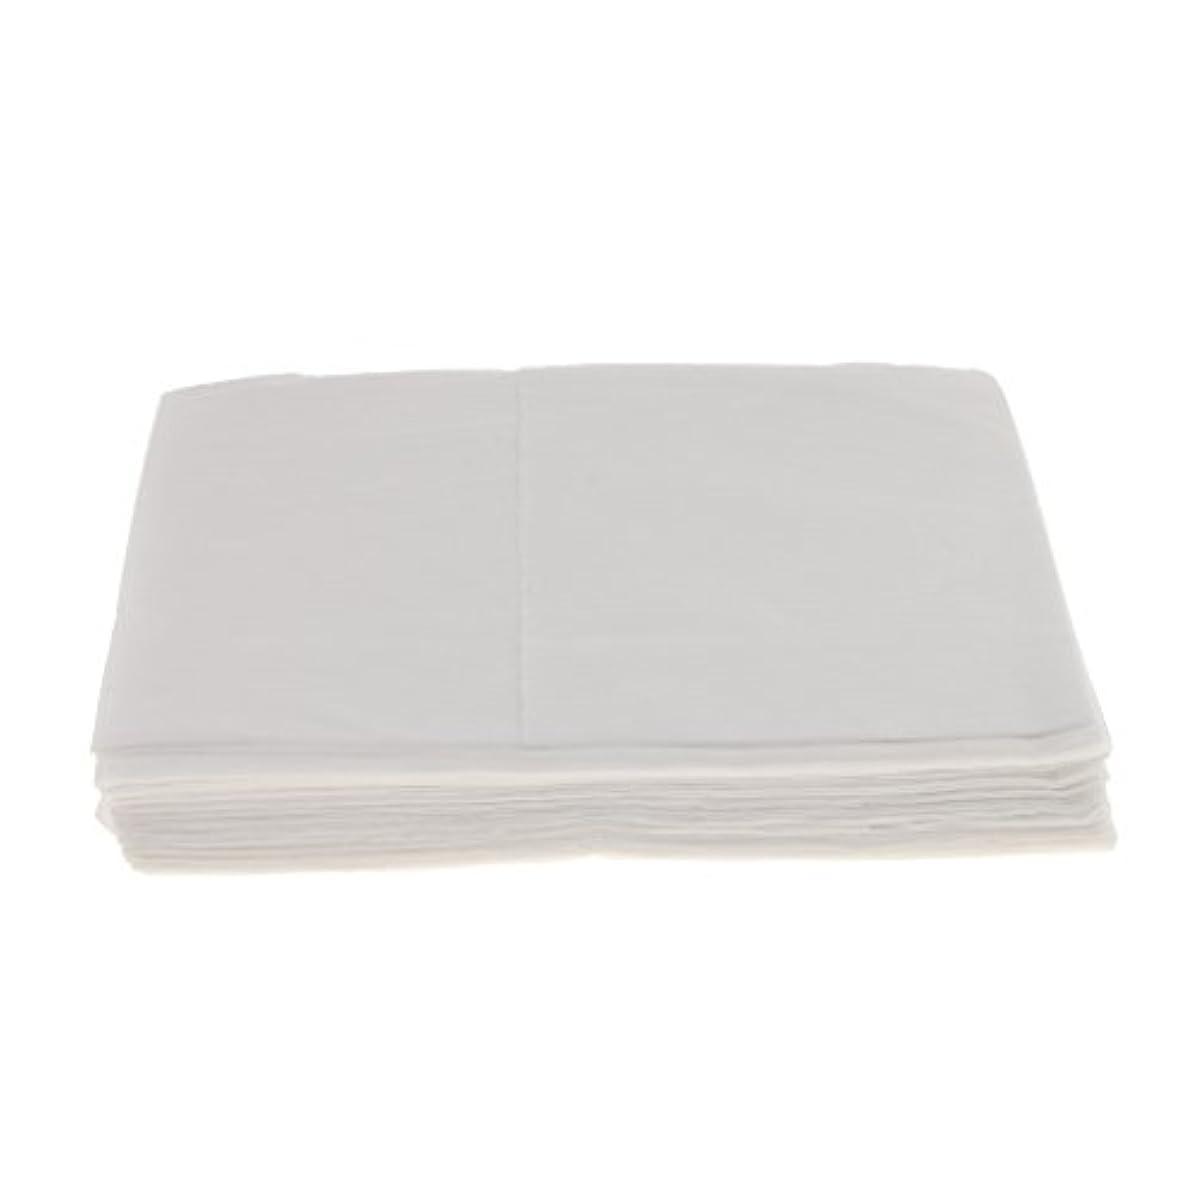 木製倍増弾丸Baosity 10枚 使い捨て ベッドシーツ サロン ホテル ベッドパッド カバー シート 2色選べ - 白